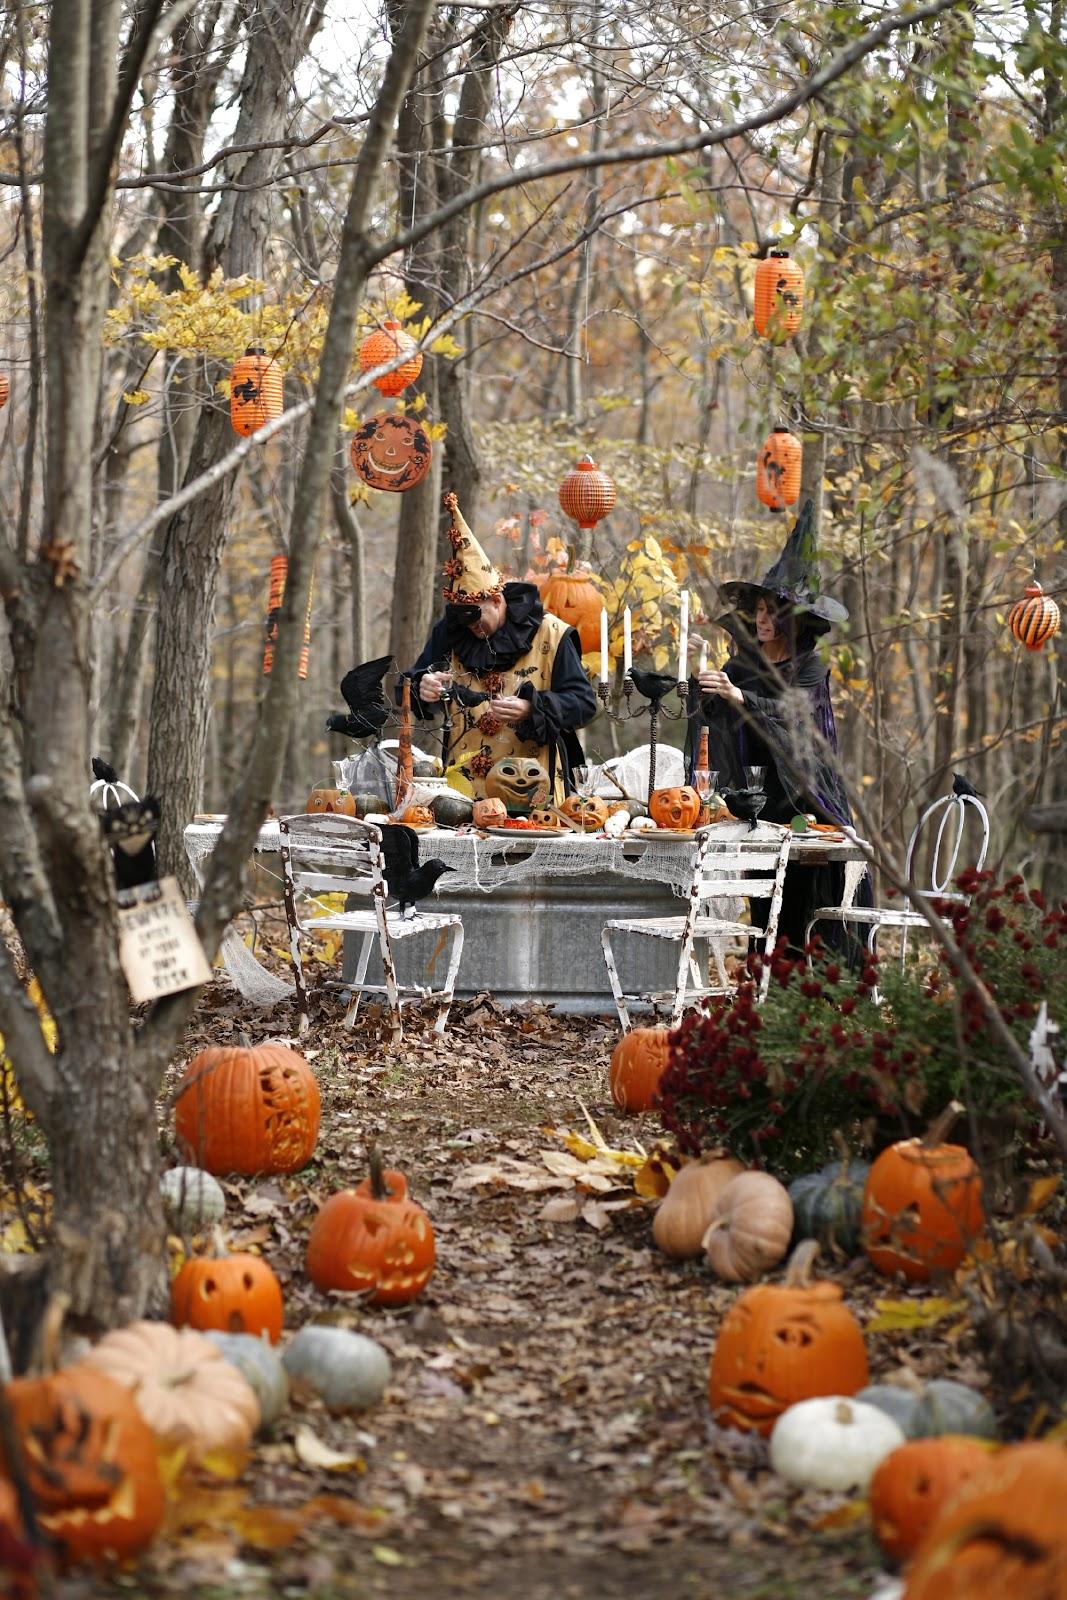 astounding-halloween-garden-decorations-dreadful-fresh-pumpkin-heads-black-witch-hanging-dreadful-pumpkin-heads-halloween-garden-decorations-decorating-wonderful-ideas-of-halloween-garden-decora